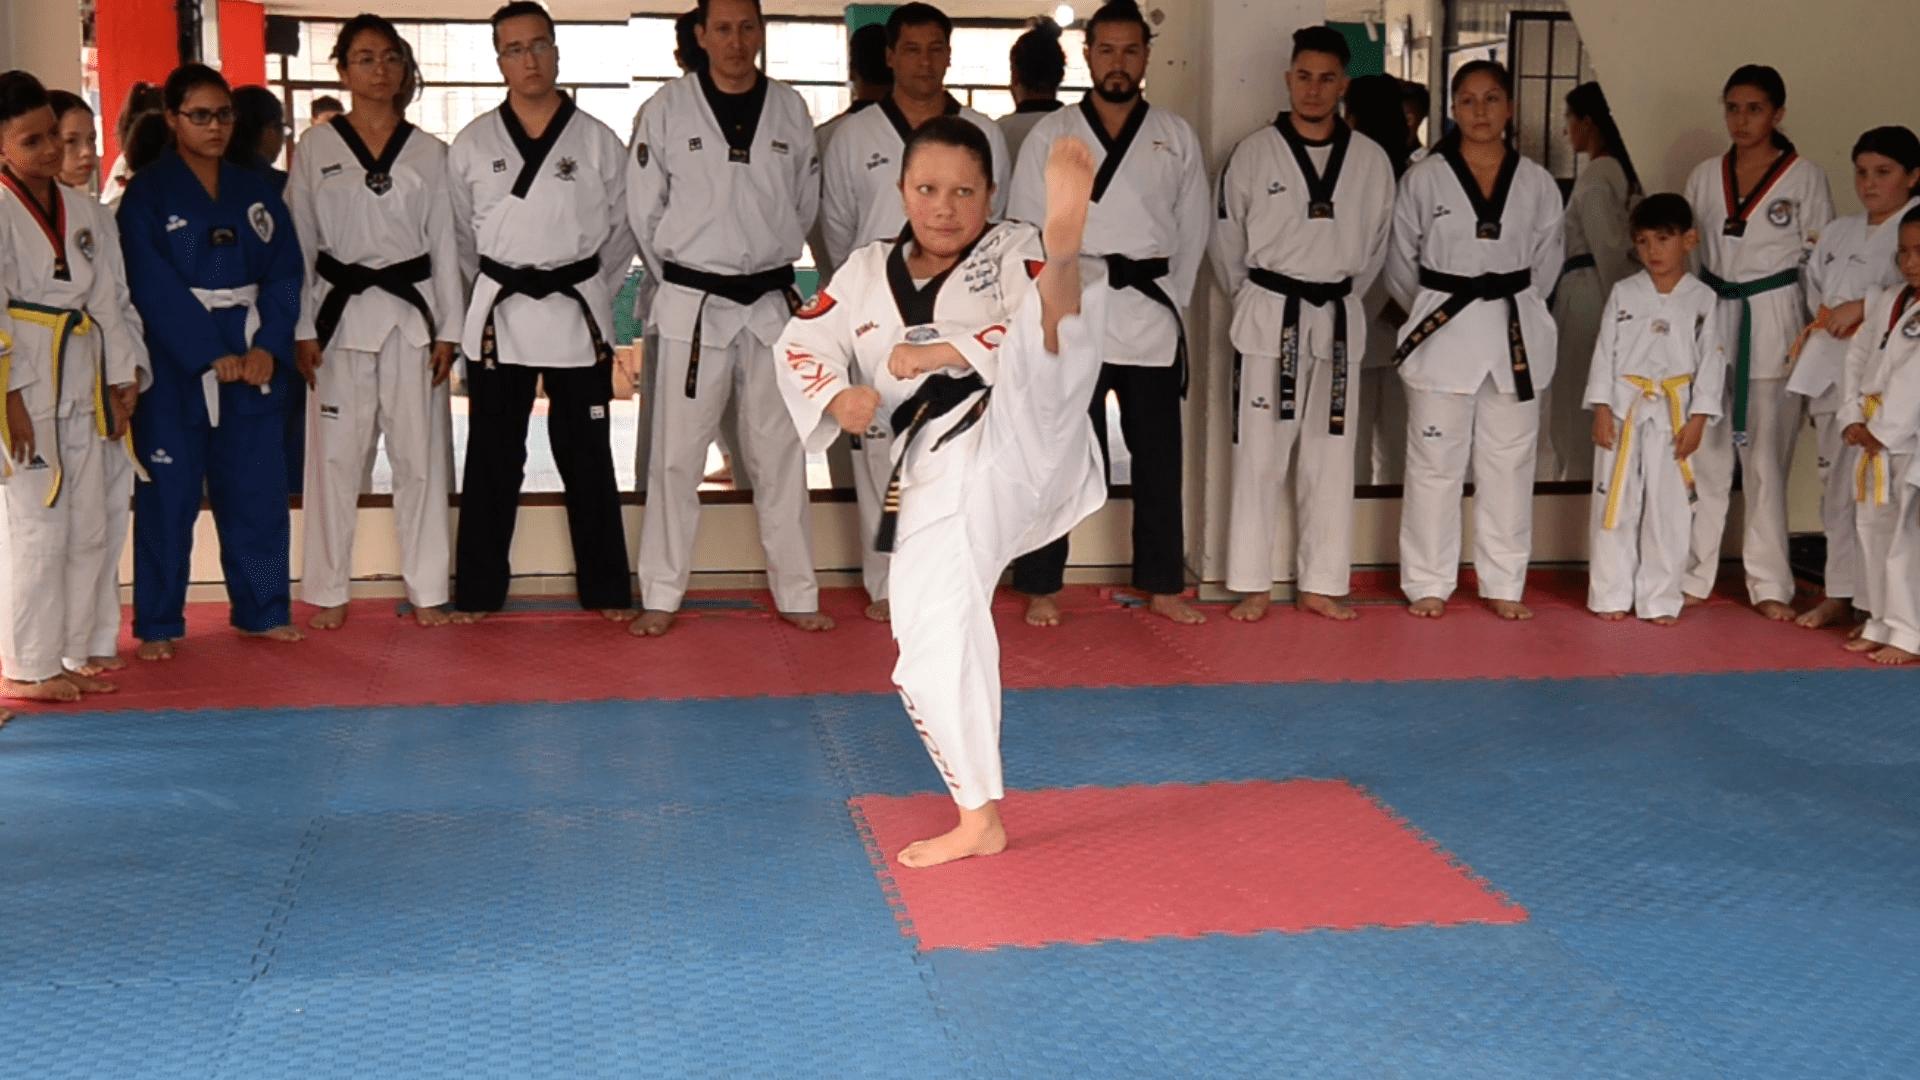 Jhormary Rojas parataekwondo